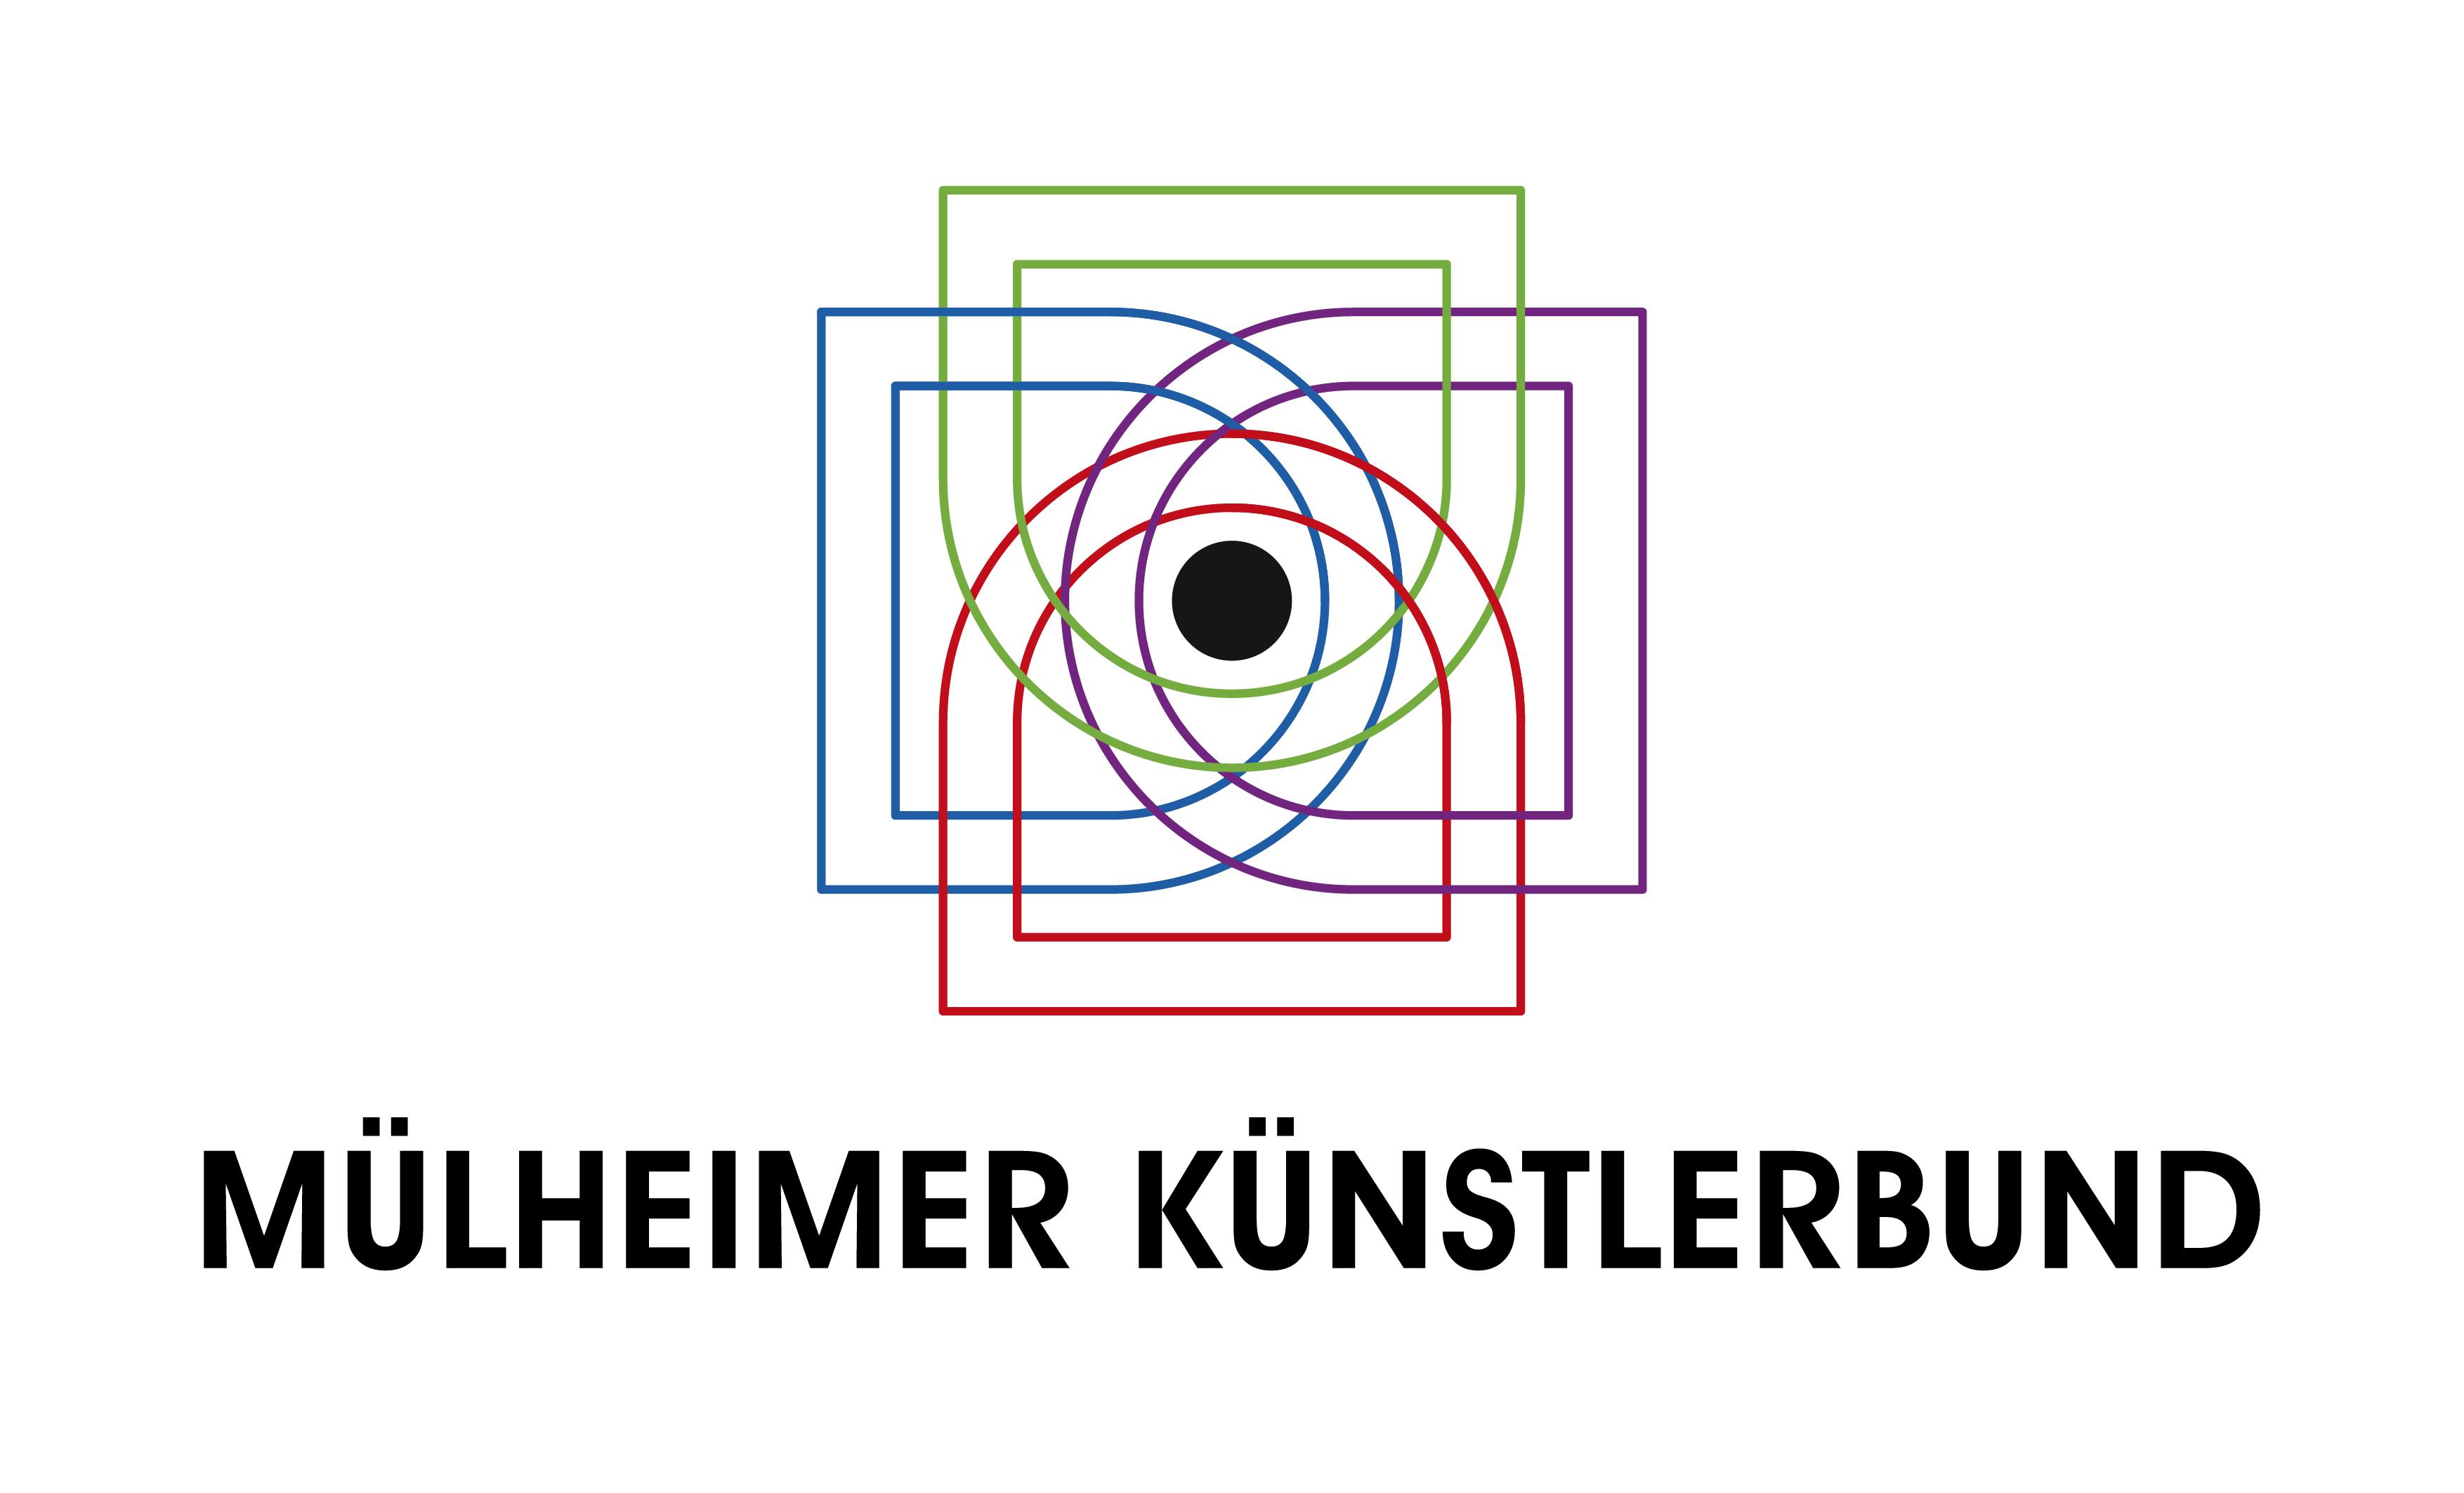 """Mülheimer Künstler im Mülheimer Künstlerbund veranstalten """"Winter-Accrochage im Atelierhaus in der Ruhrstraße 3 / Ecke Delle – Ruhranlage in der Kunststadt Mülheim an der Ruhr vom 1. Dezember 2018 bis 13. Januar 2019"""